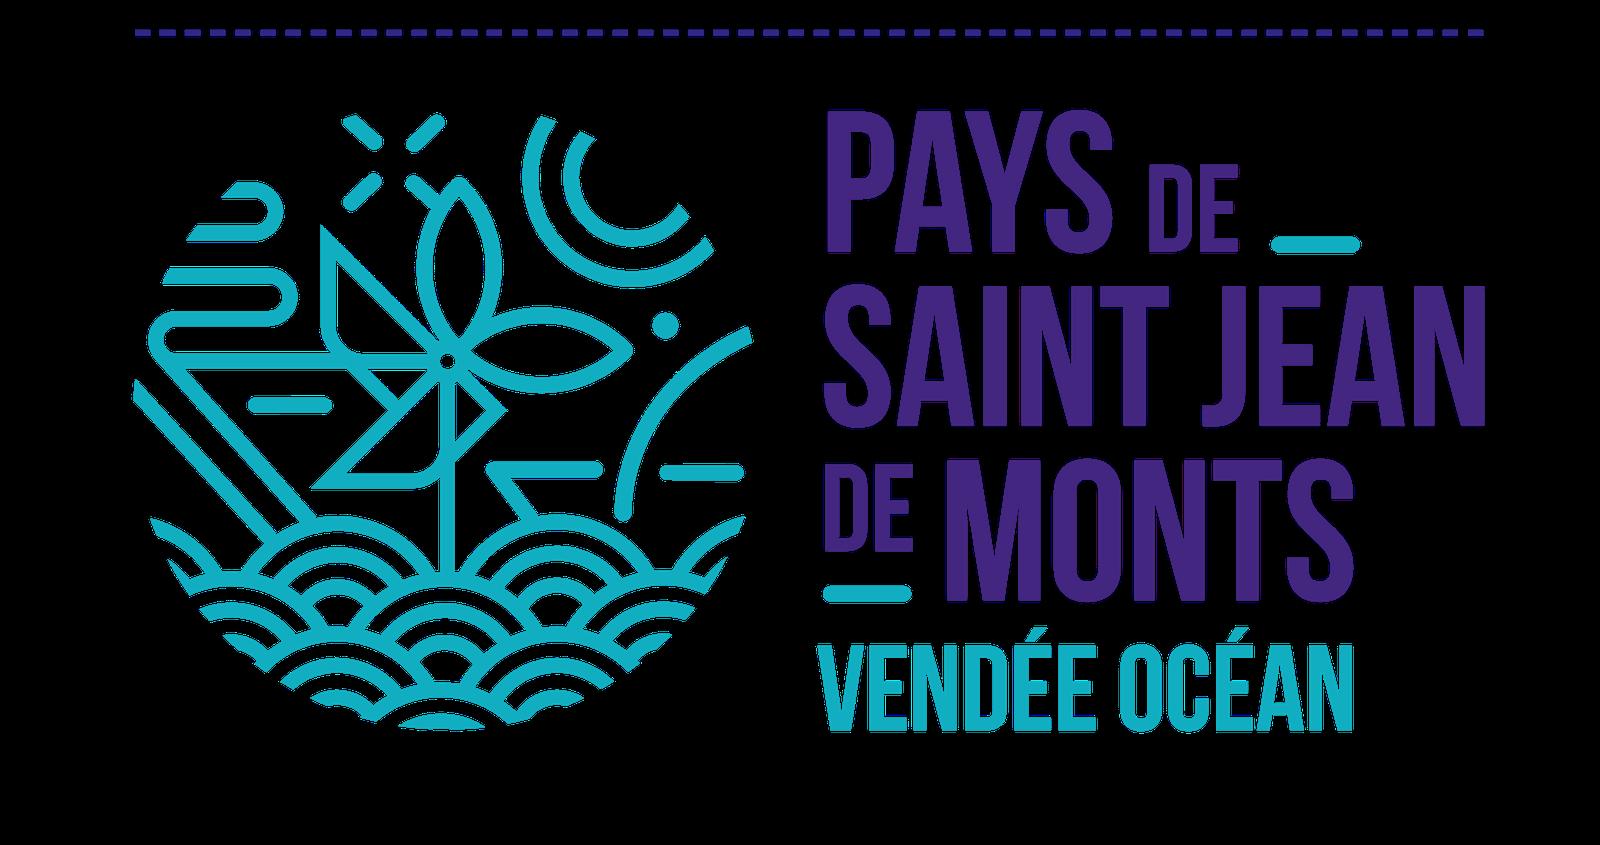 Pays de Saint Jean de Monts